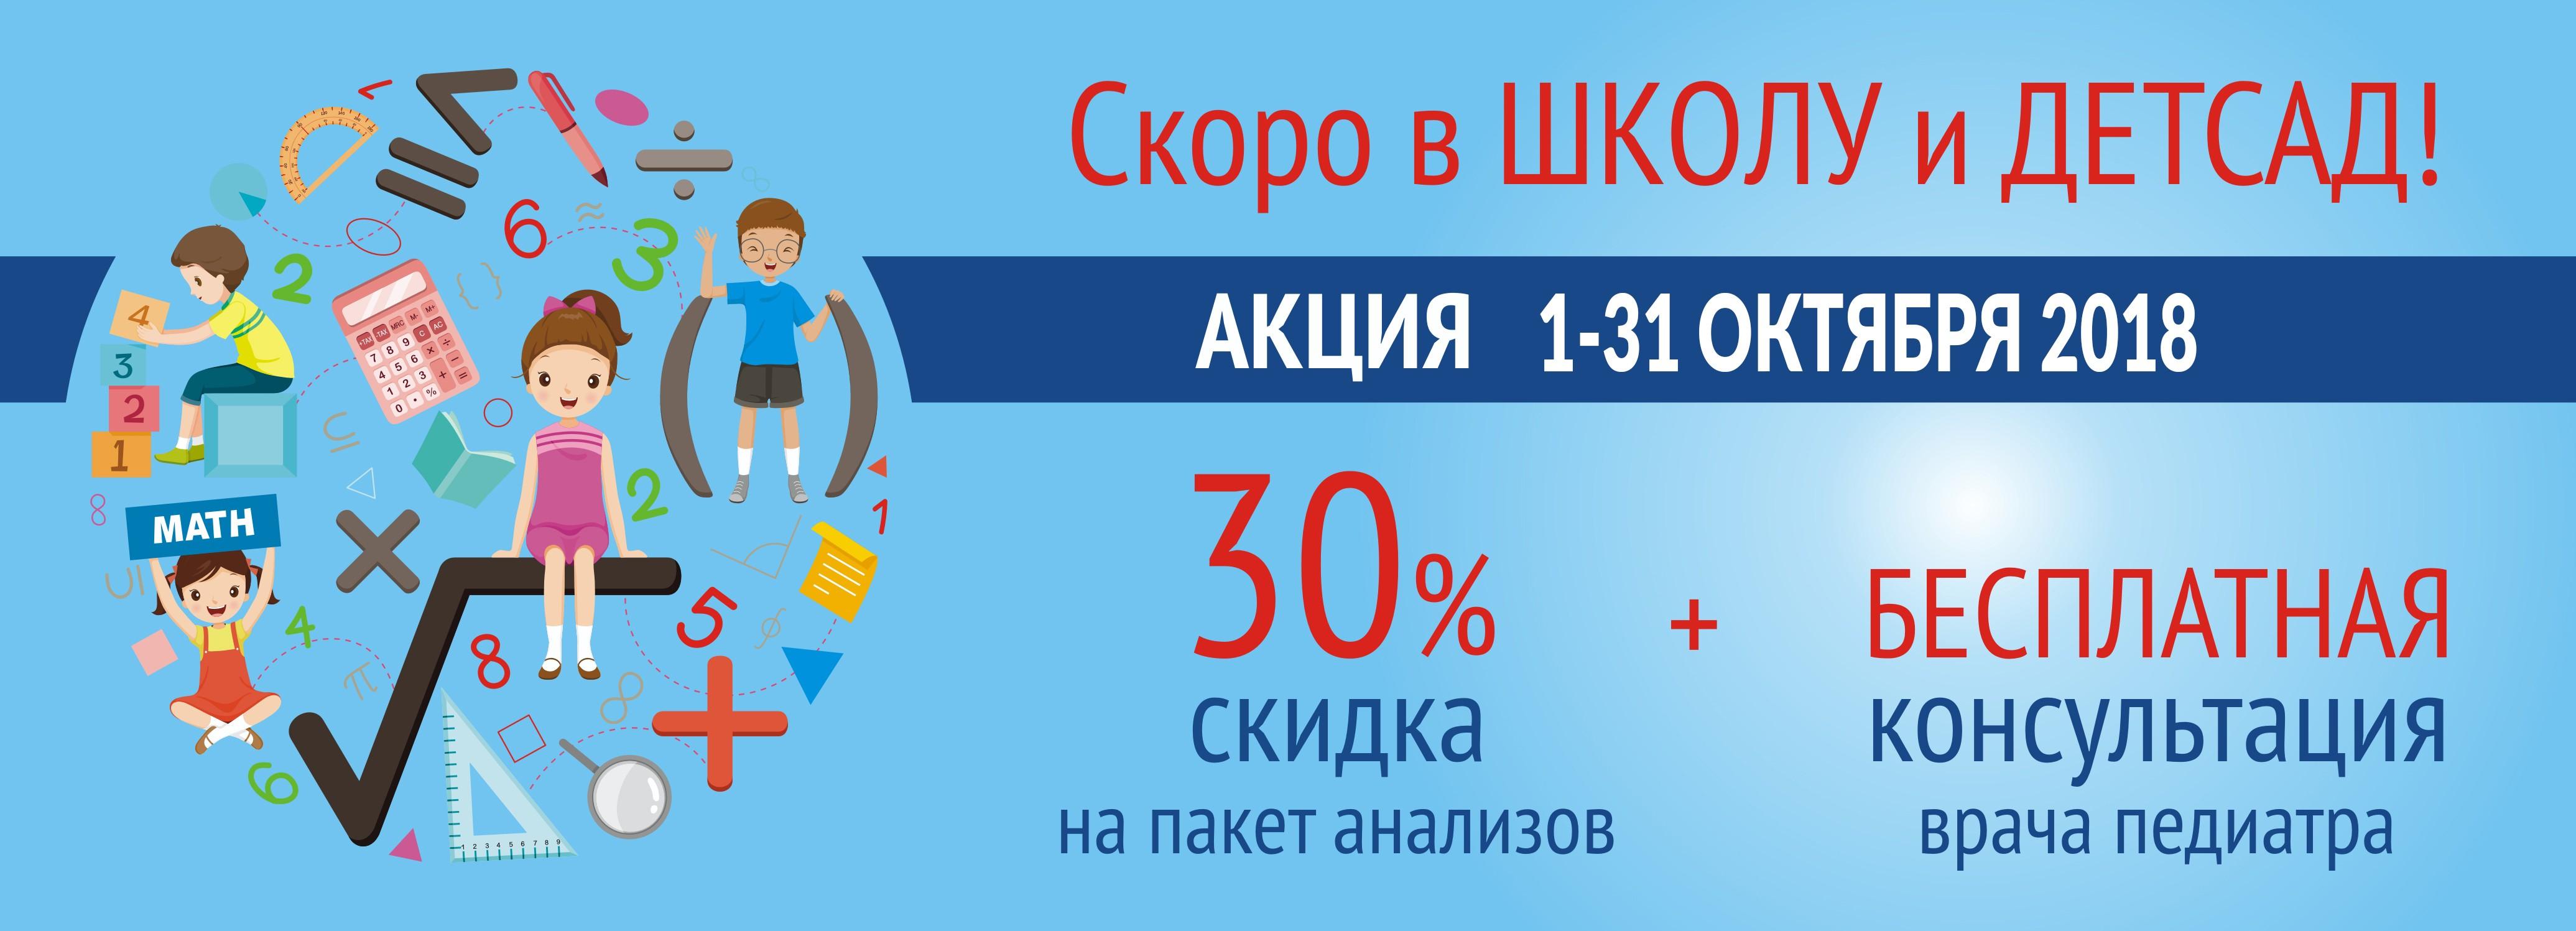 Synevo Moldova - иммунитет у детей